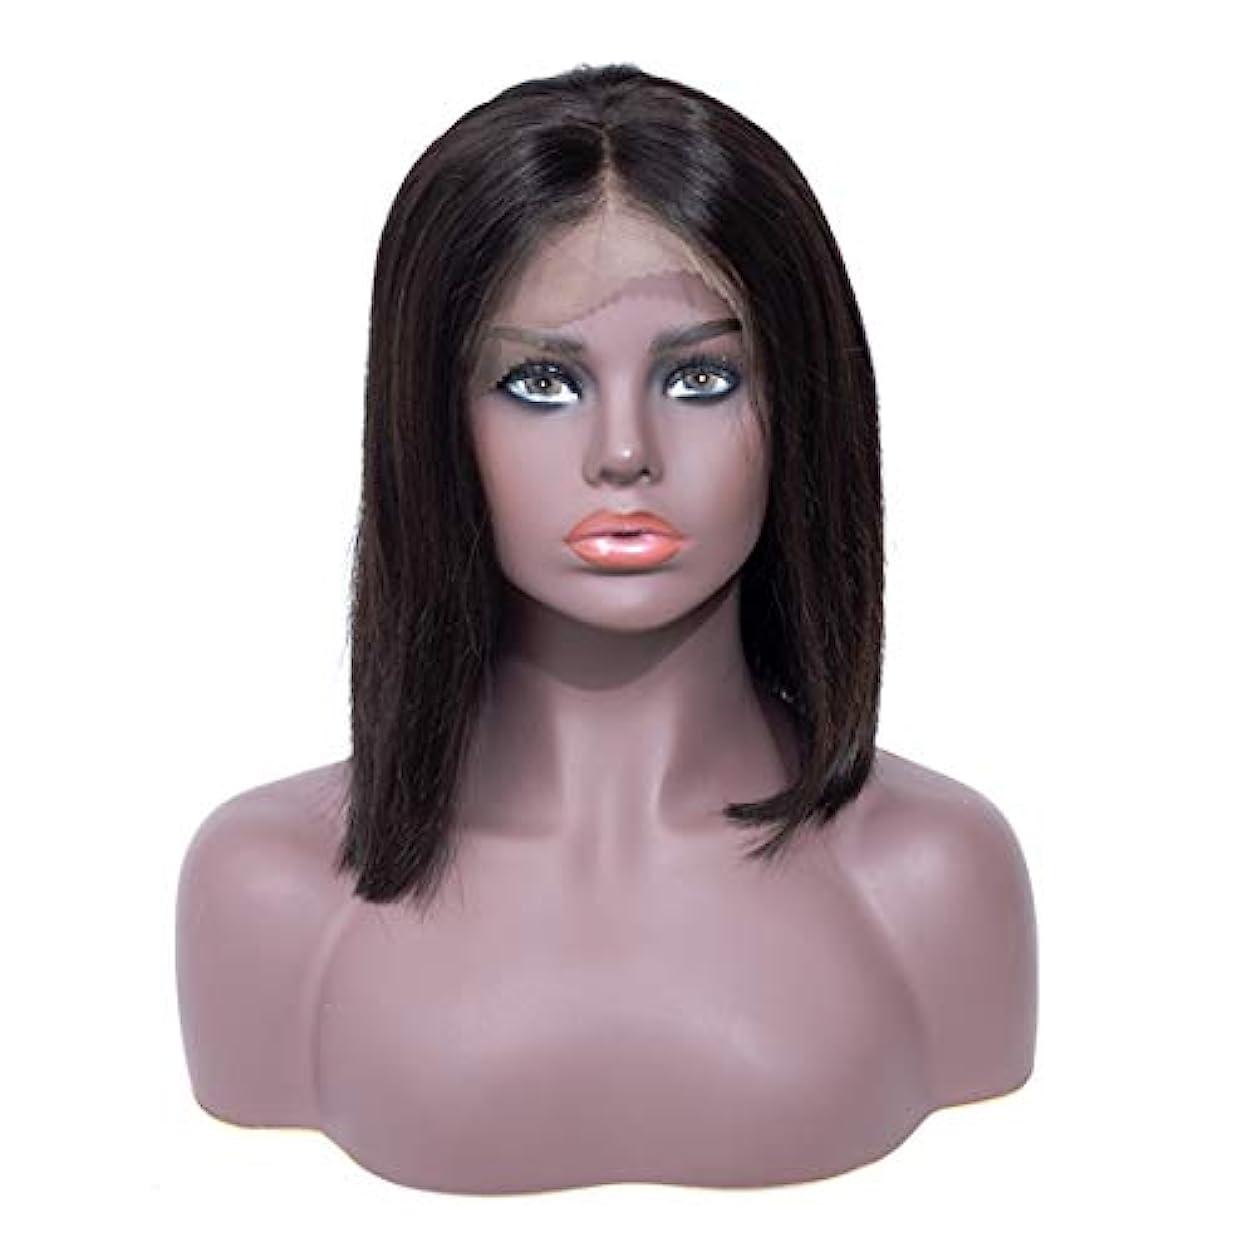 承知しました増加する財布JIANFU ショート ウィッグ ボボ 斜めの短い髪 本物の髪 13 * 6 前レース付き ウィッグ レディース (Color : ブラック)